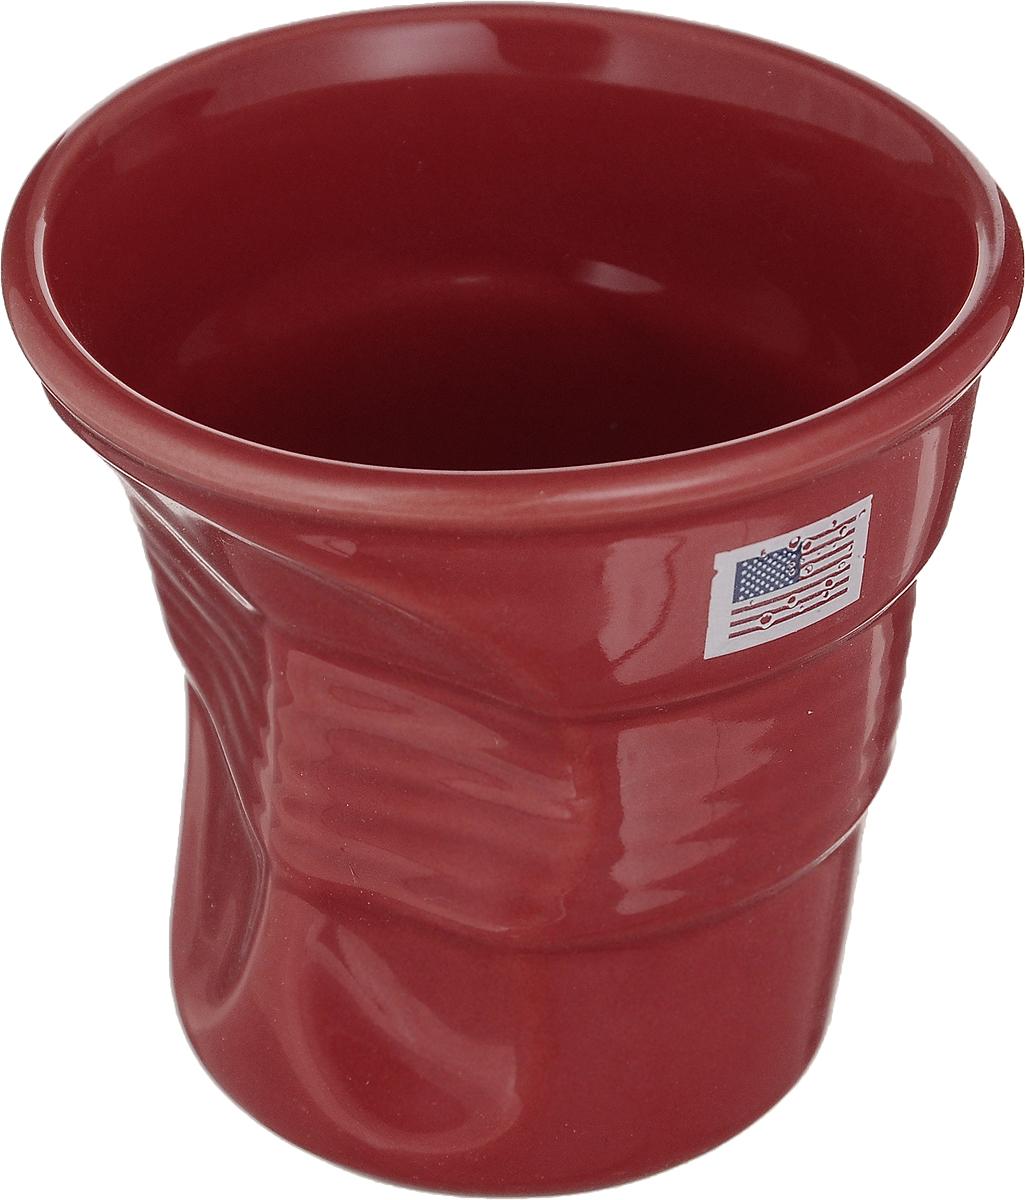 Стакан Карамба Американский флаг, цвет: красный, 150 мл3126Забавный небольшой керамический мятый стаканчик с изображением американского флага станет не только приятным, но и практичным сувениром.